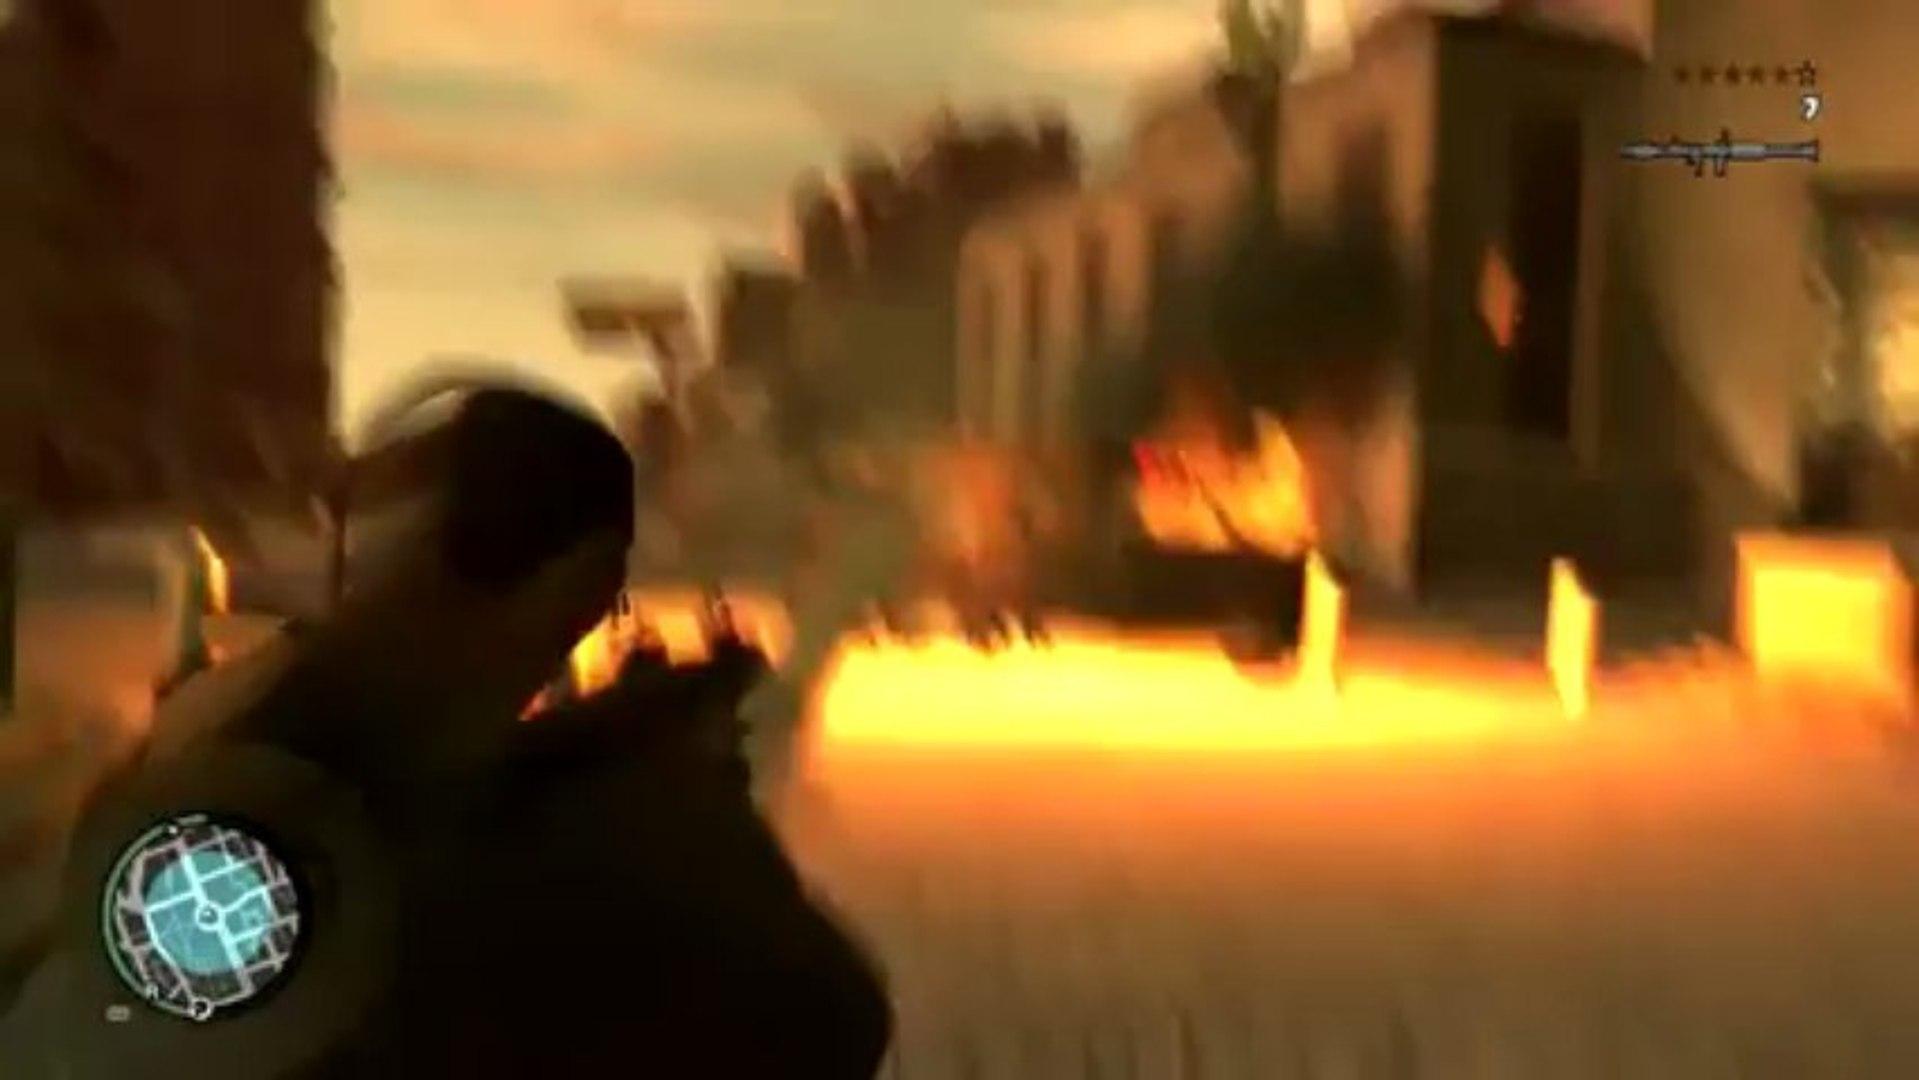 GTA IV: Bullet Time Mod ⊕ Sniper Elite v2 Effect || Free Download